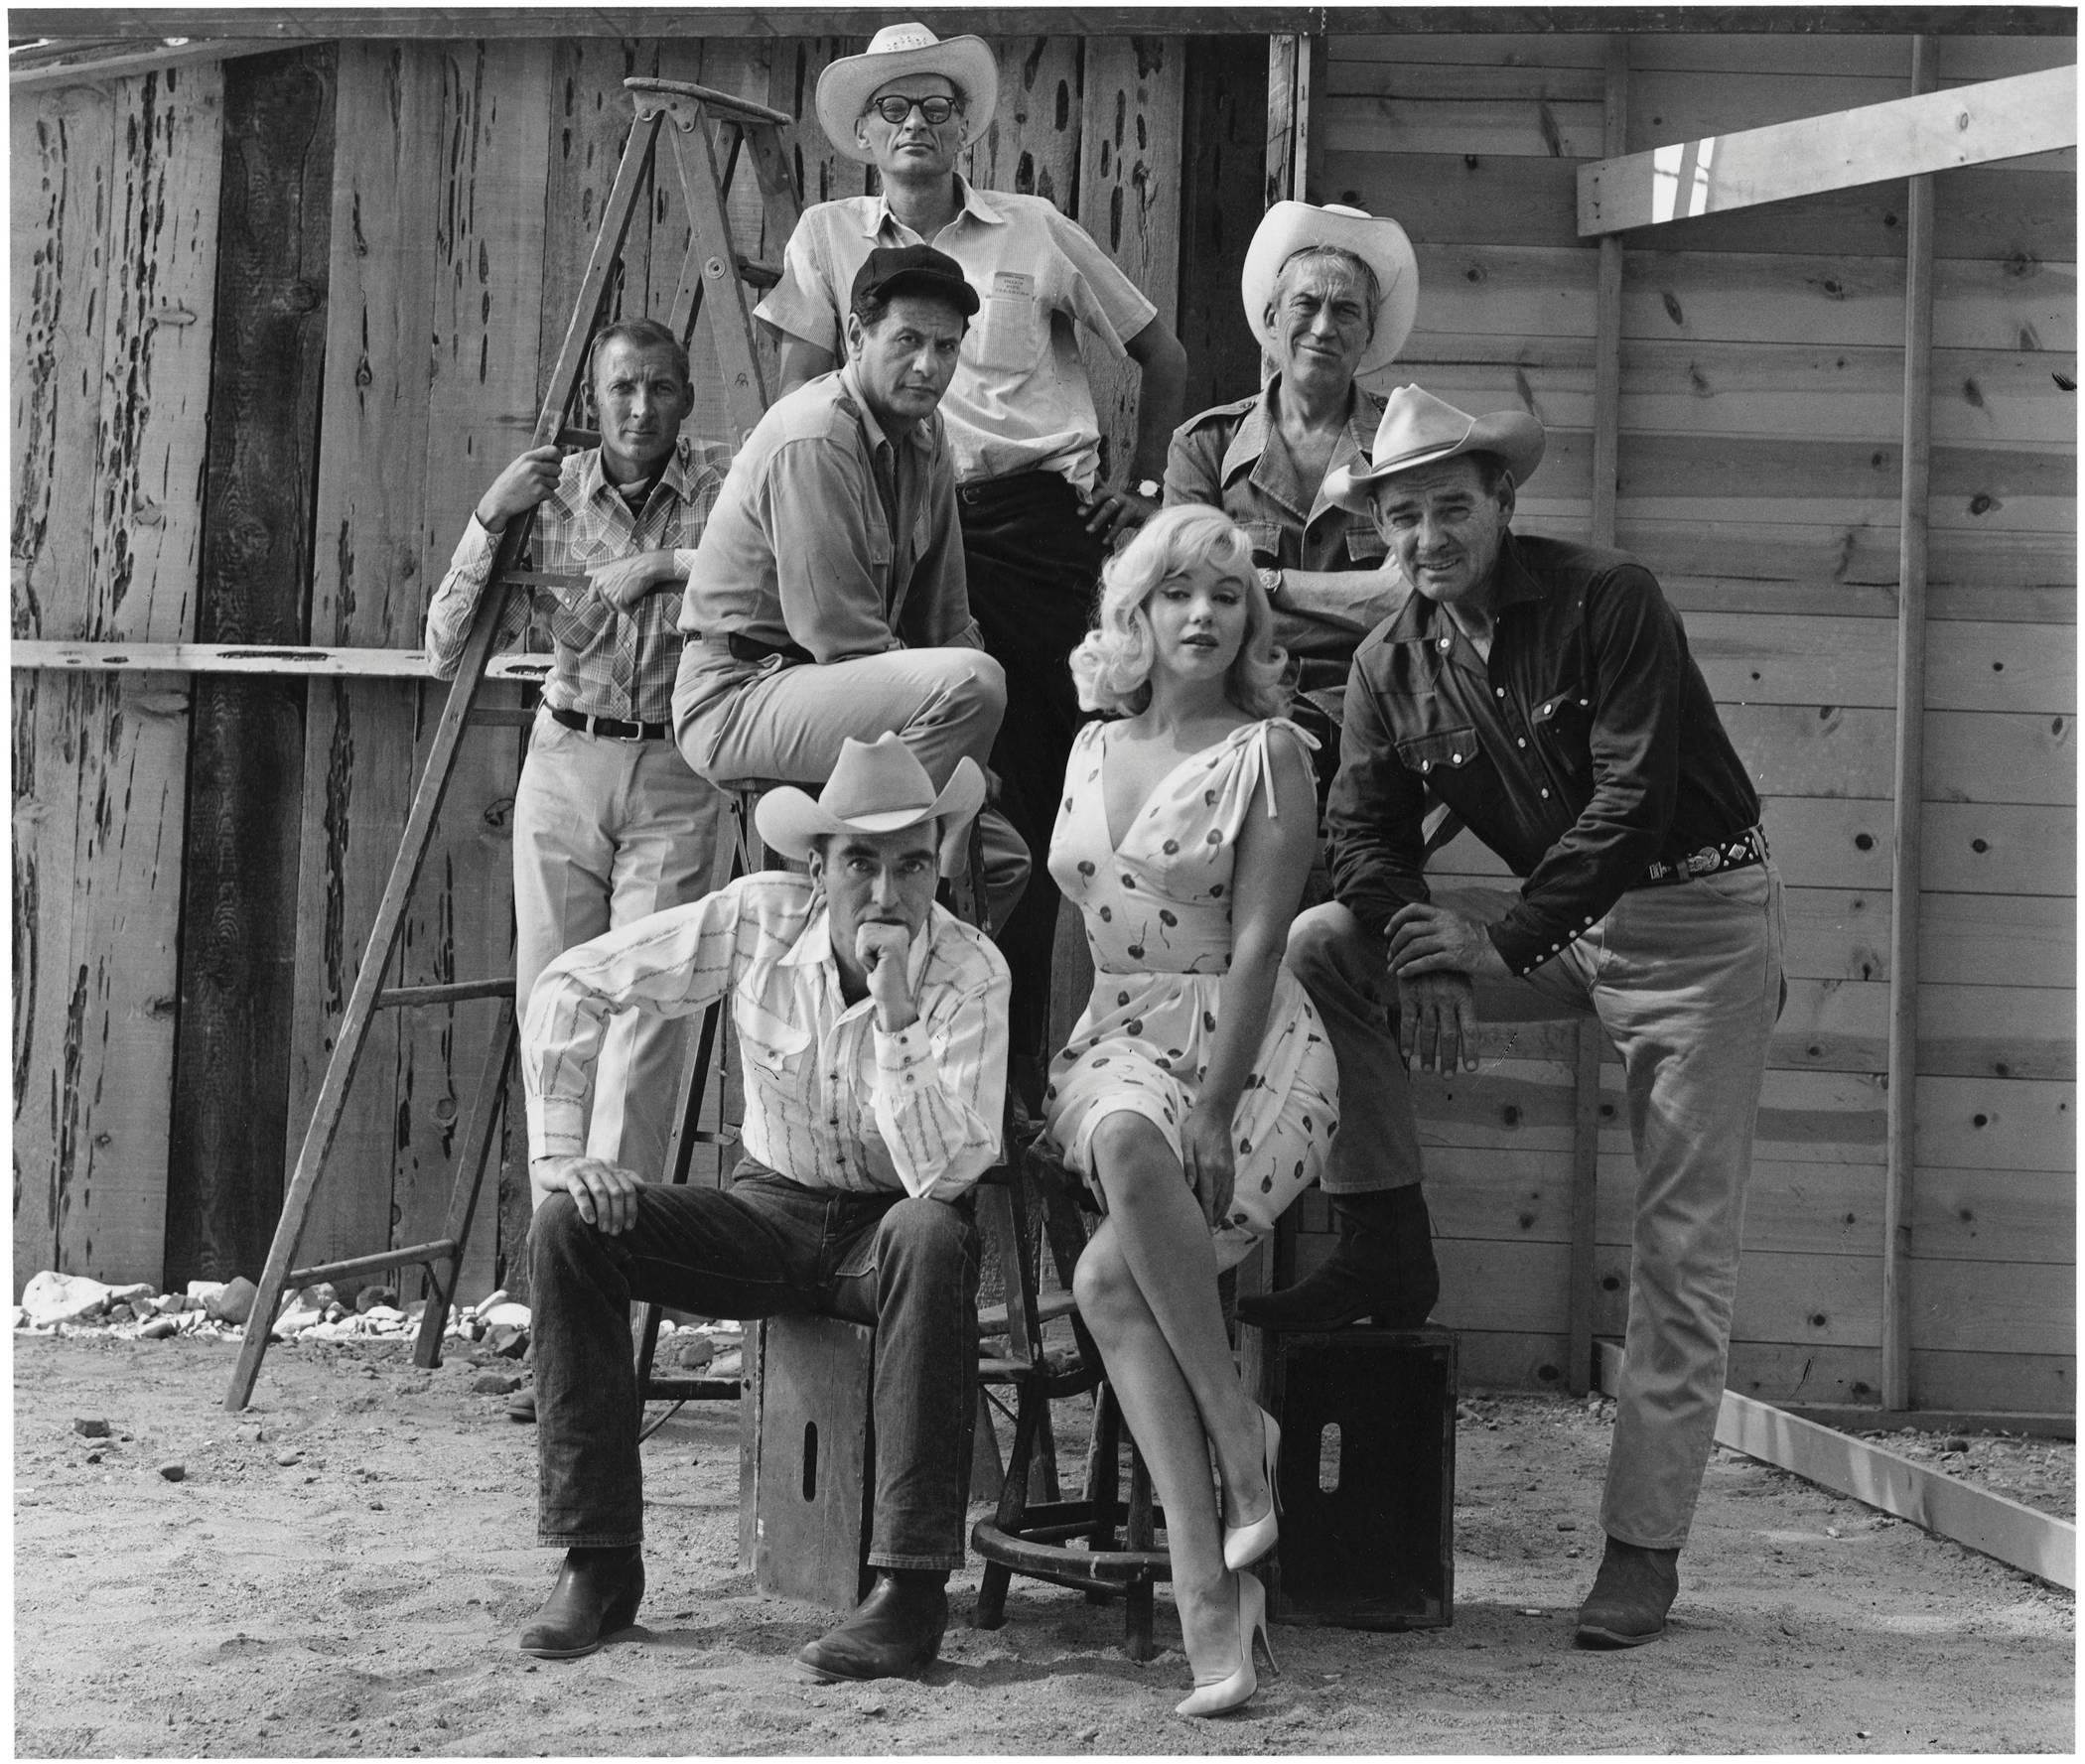 The Misfits, Reno, Nevada